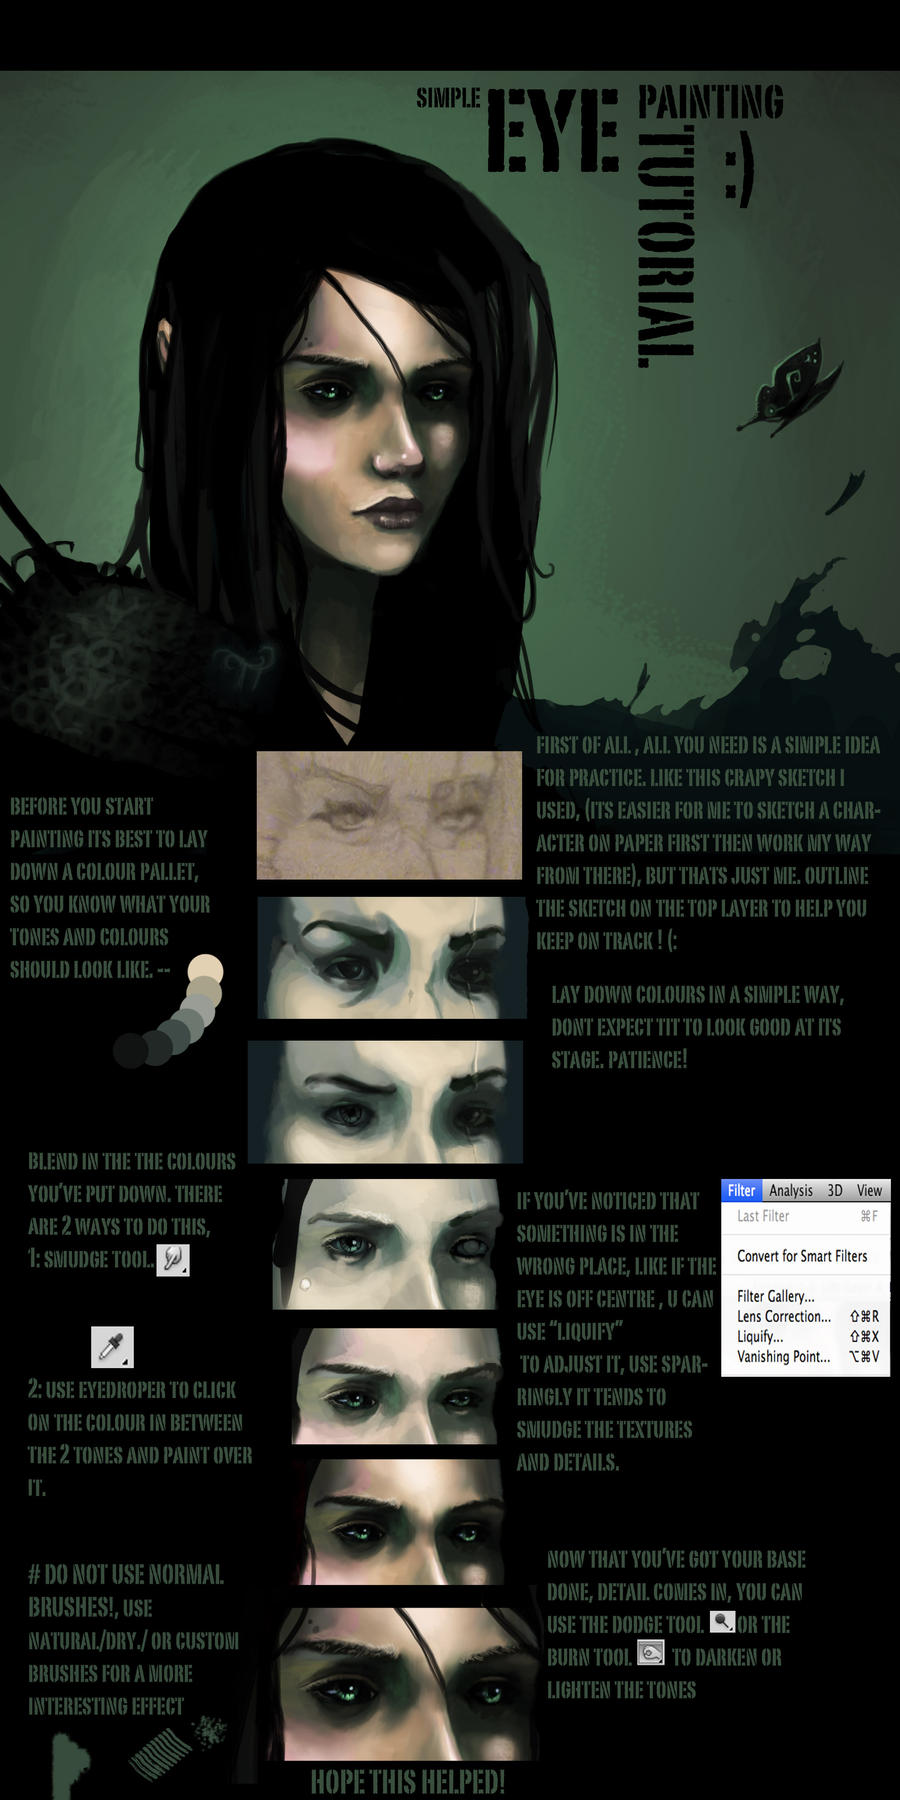 simple eye digital painting tutorial. by Anermik